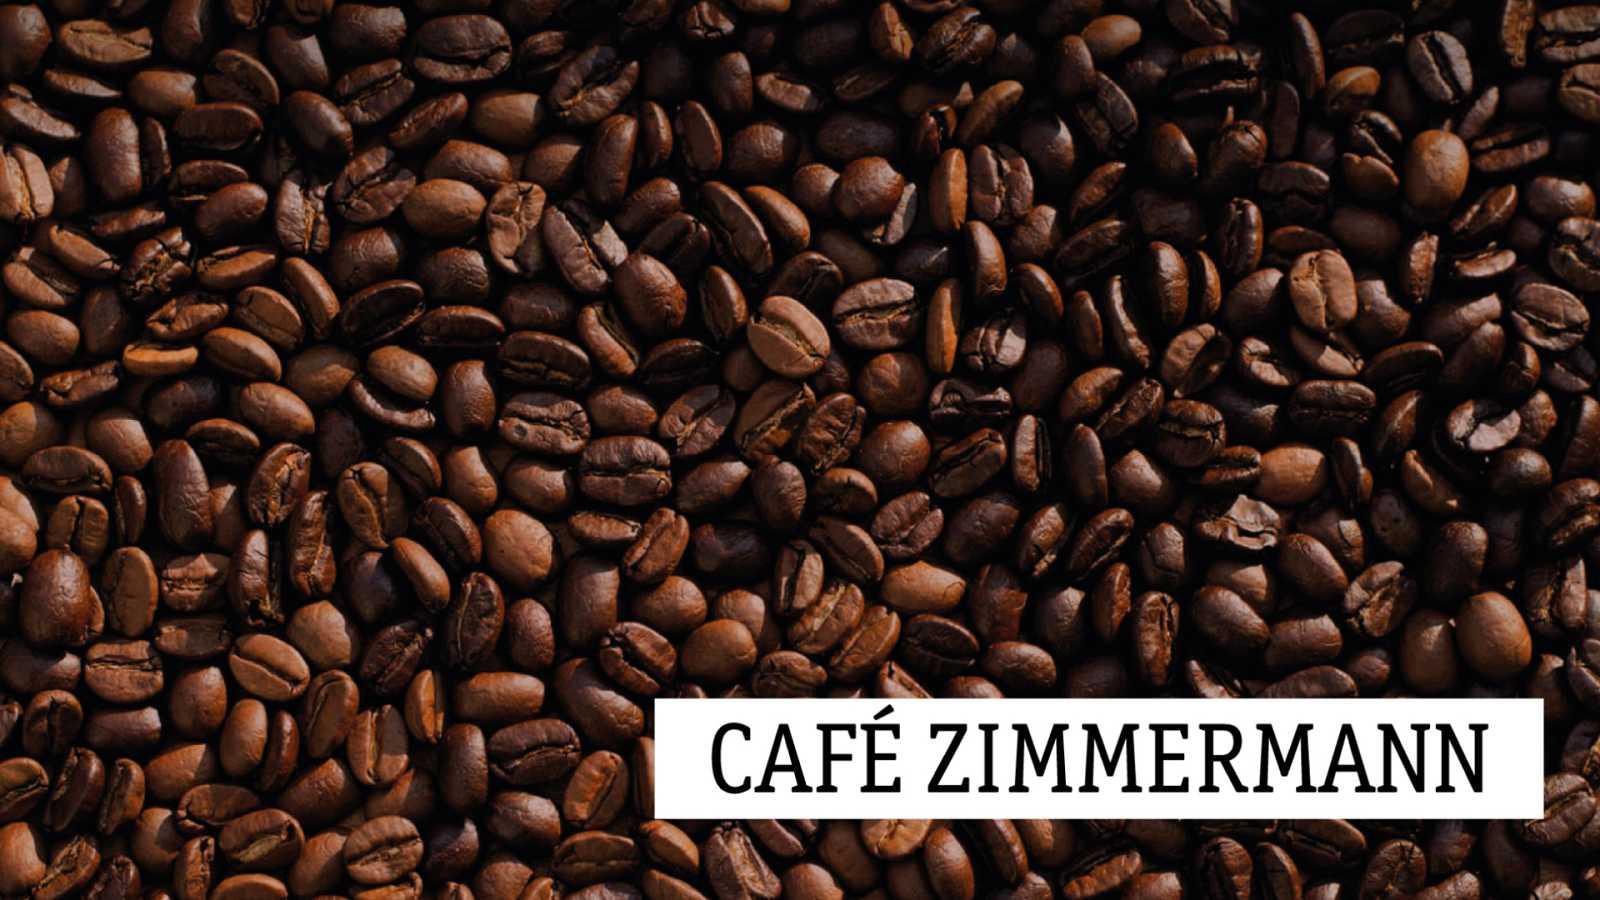 Café Zimmermann - El ADN de Cristóbal Colón - 17/11/20 - escuchar ahora